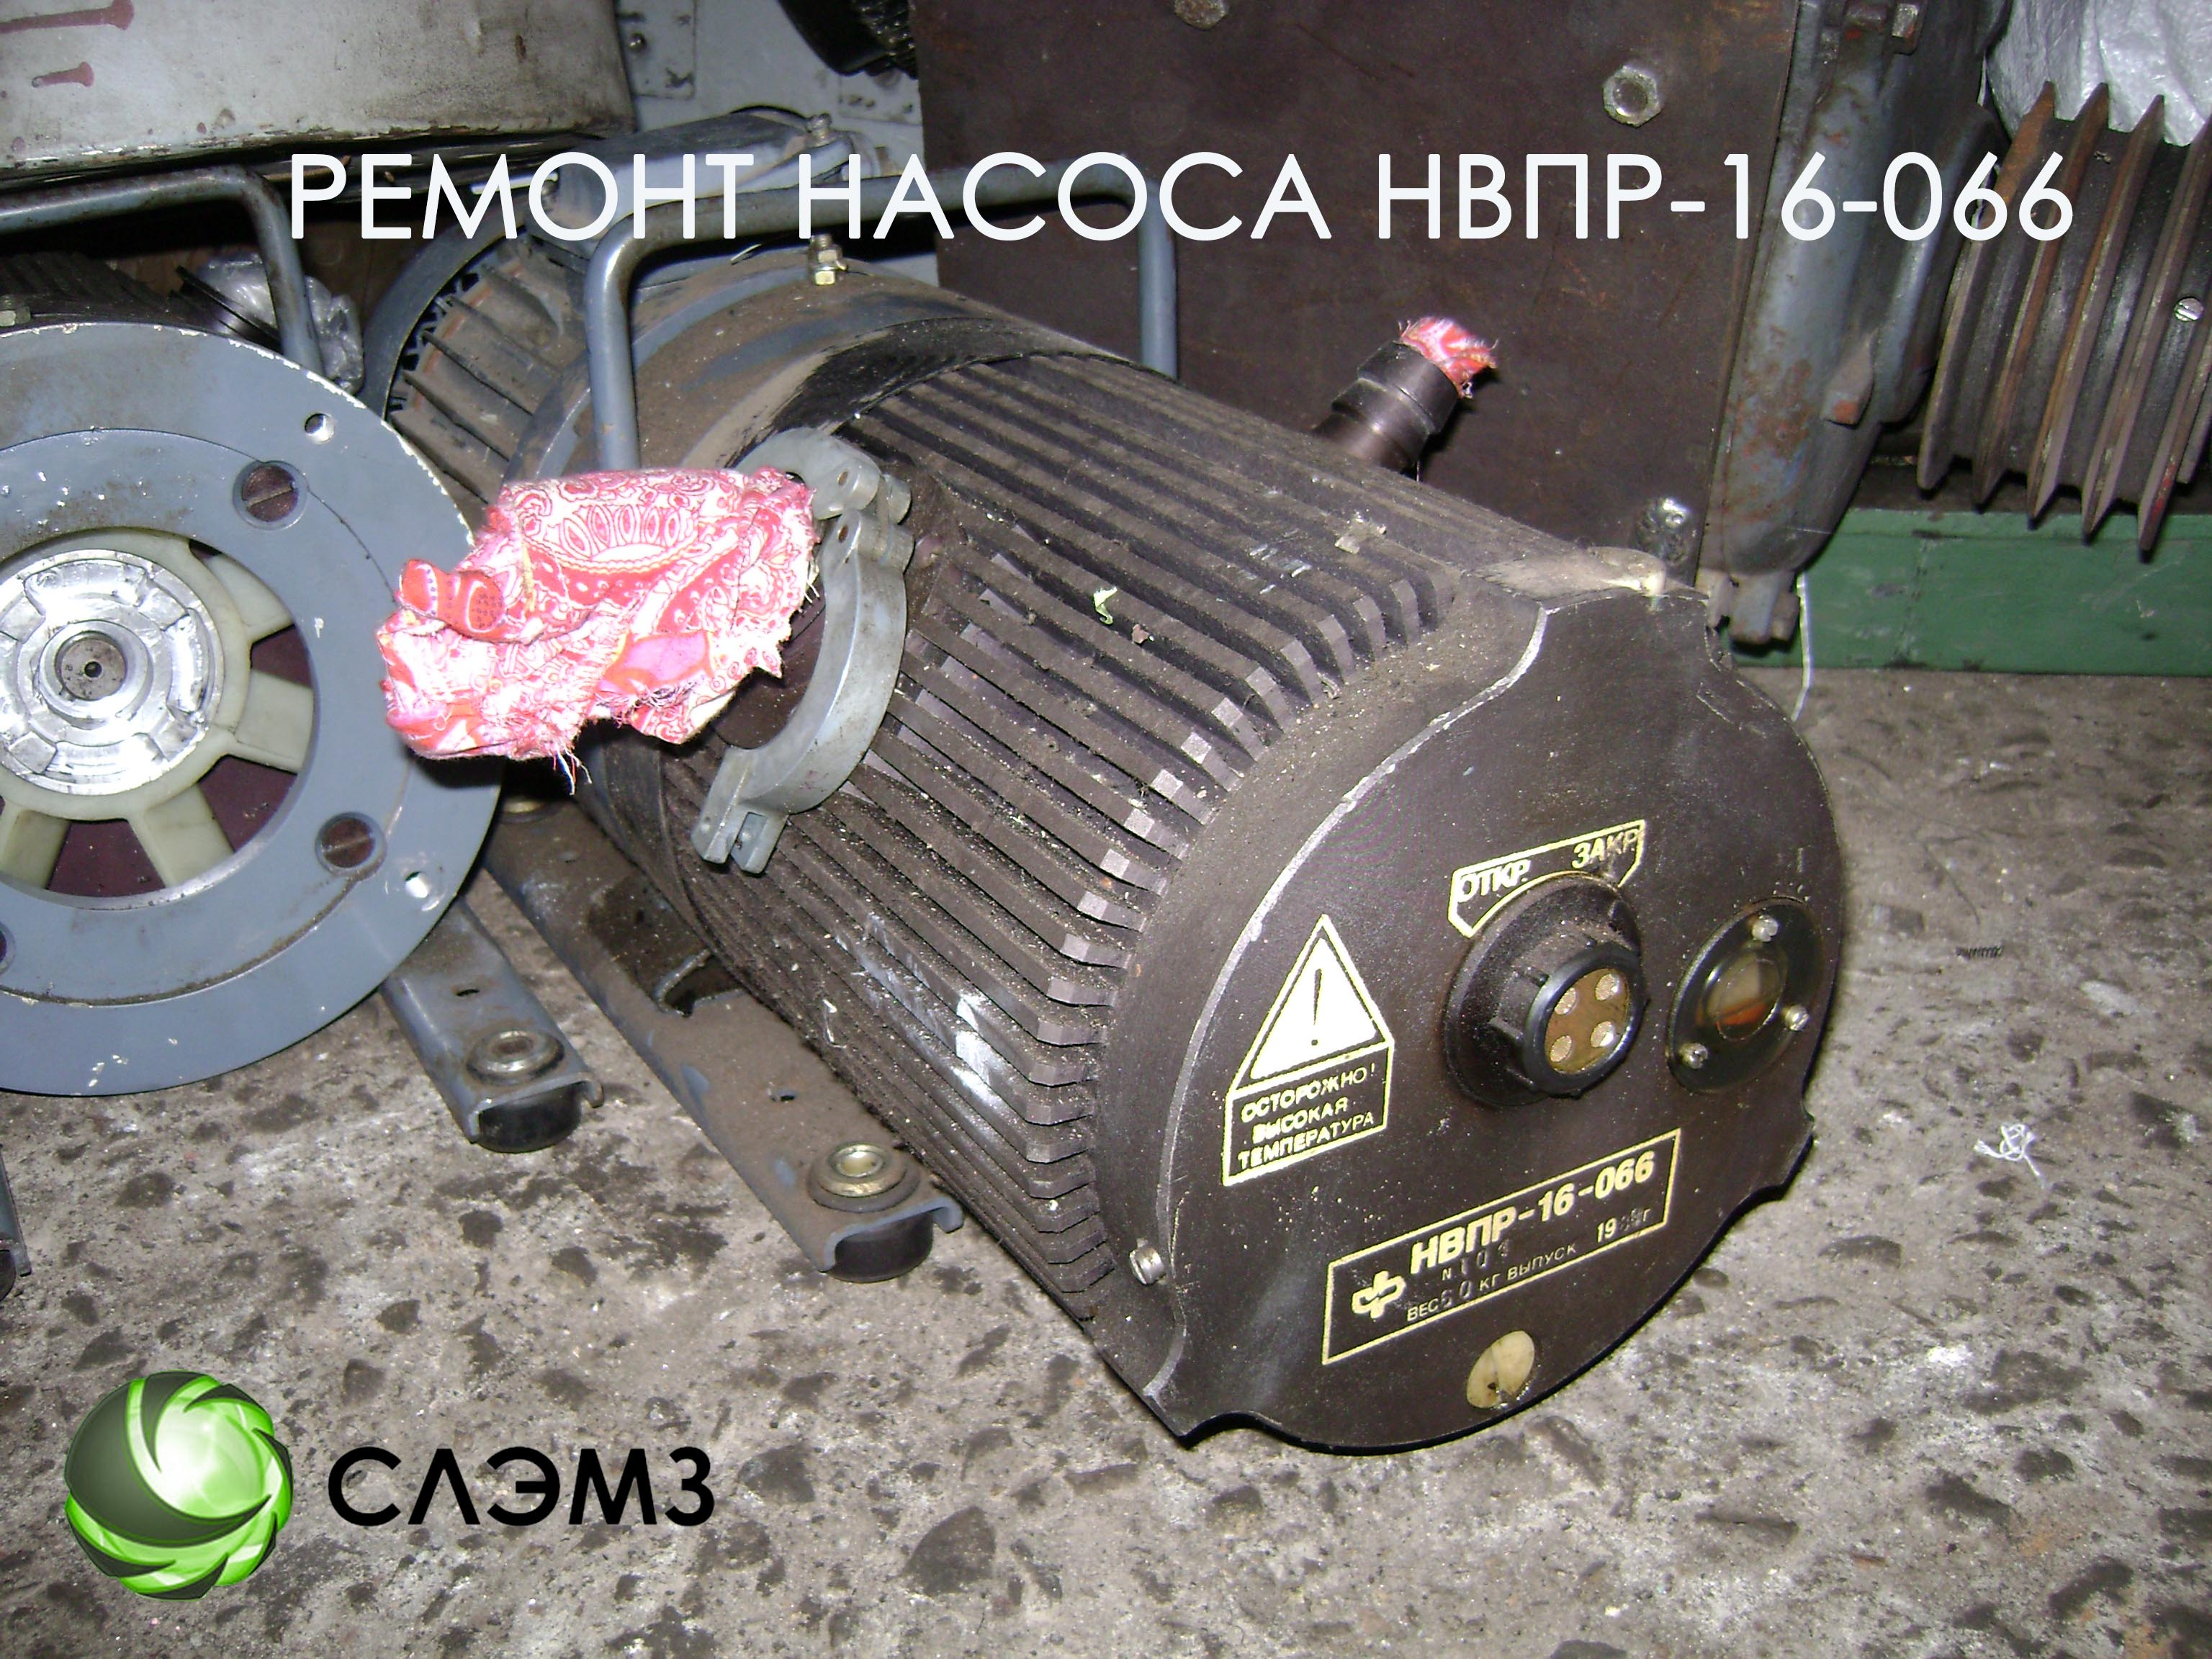 нвпр-16-066 схема подключения